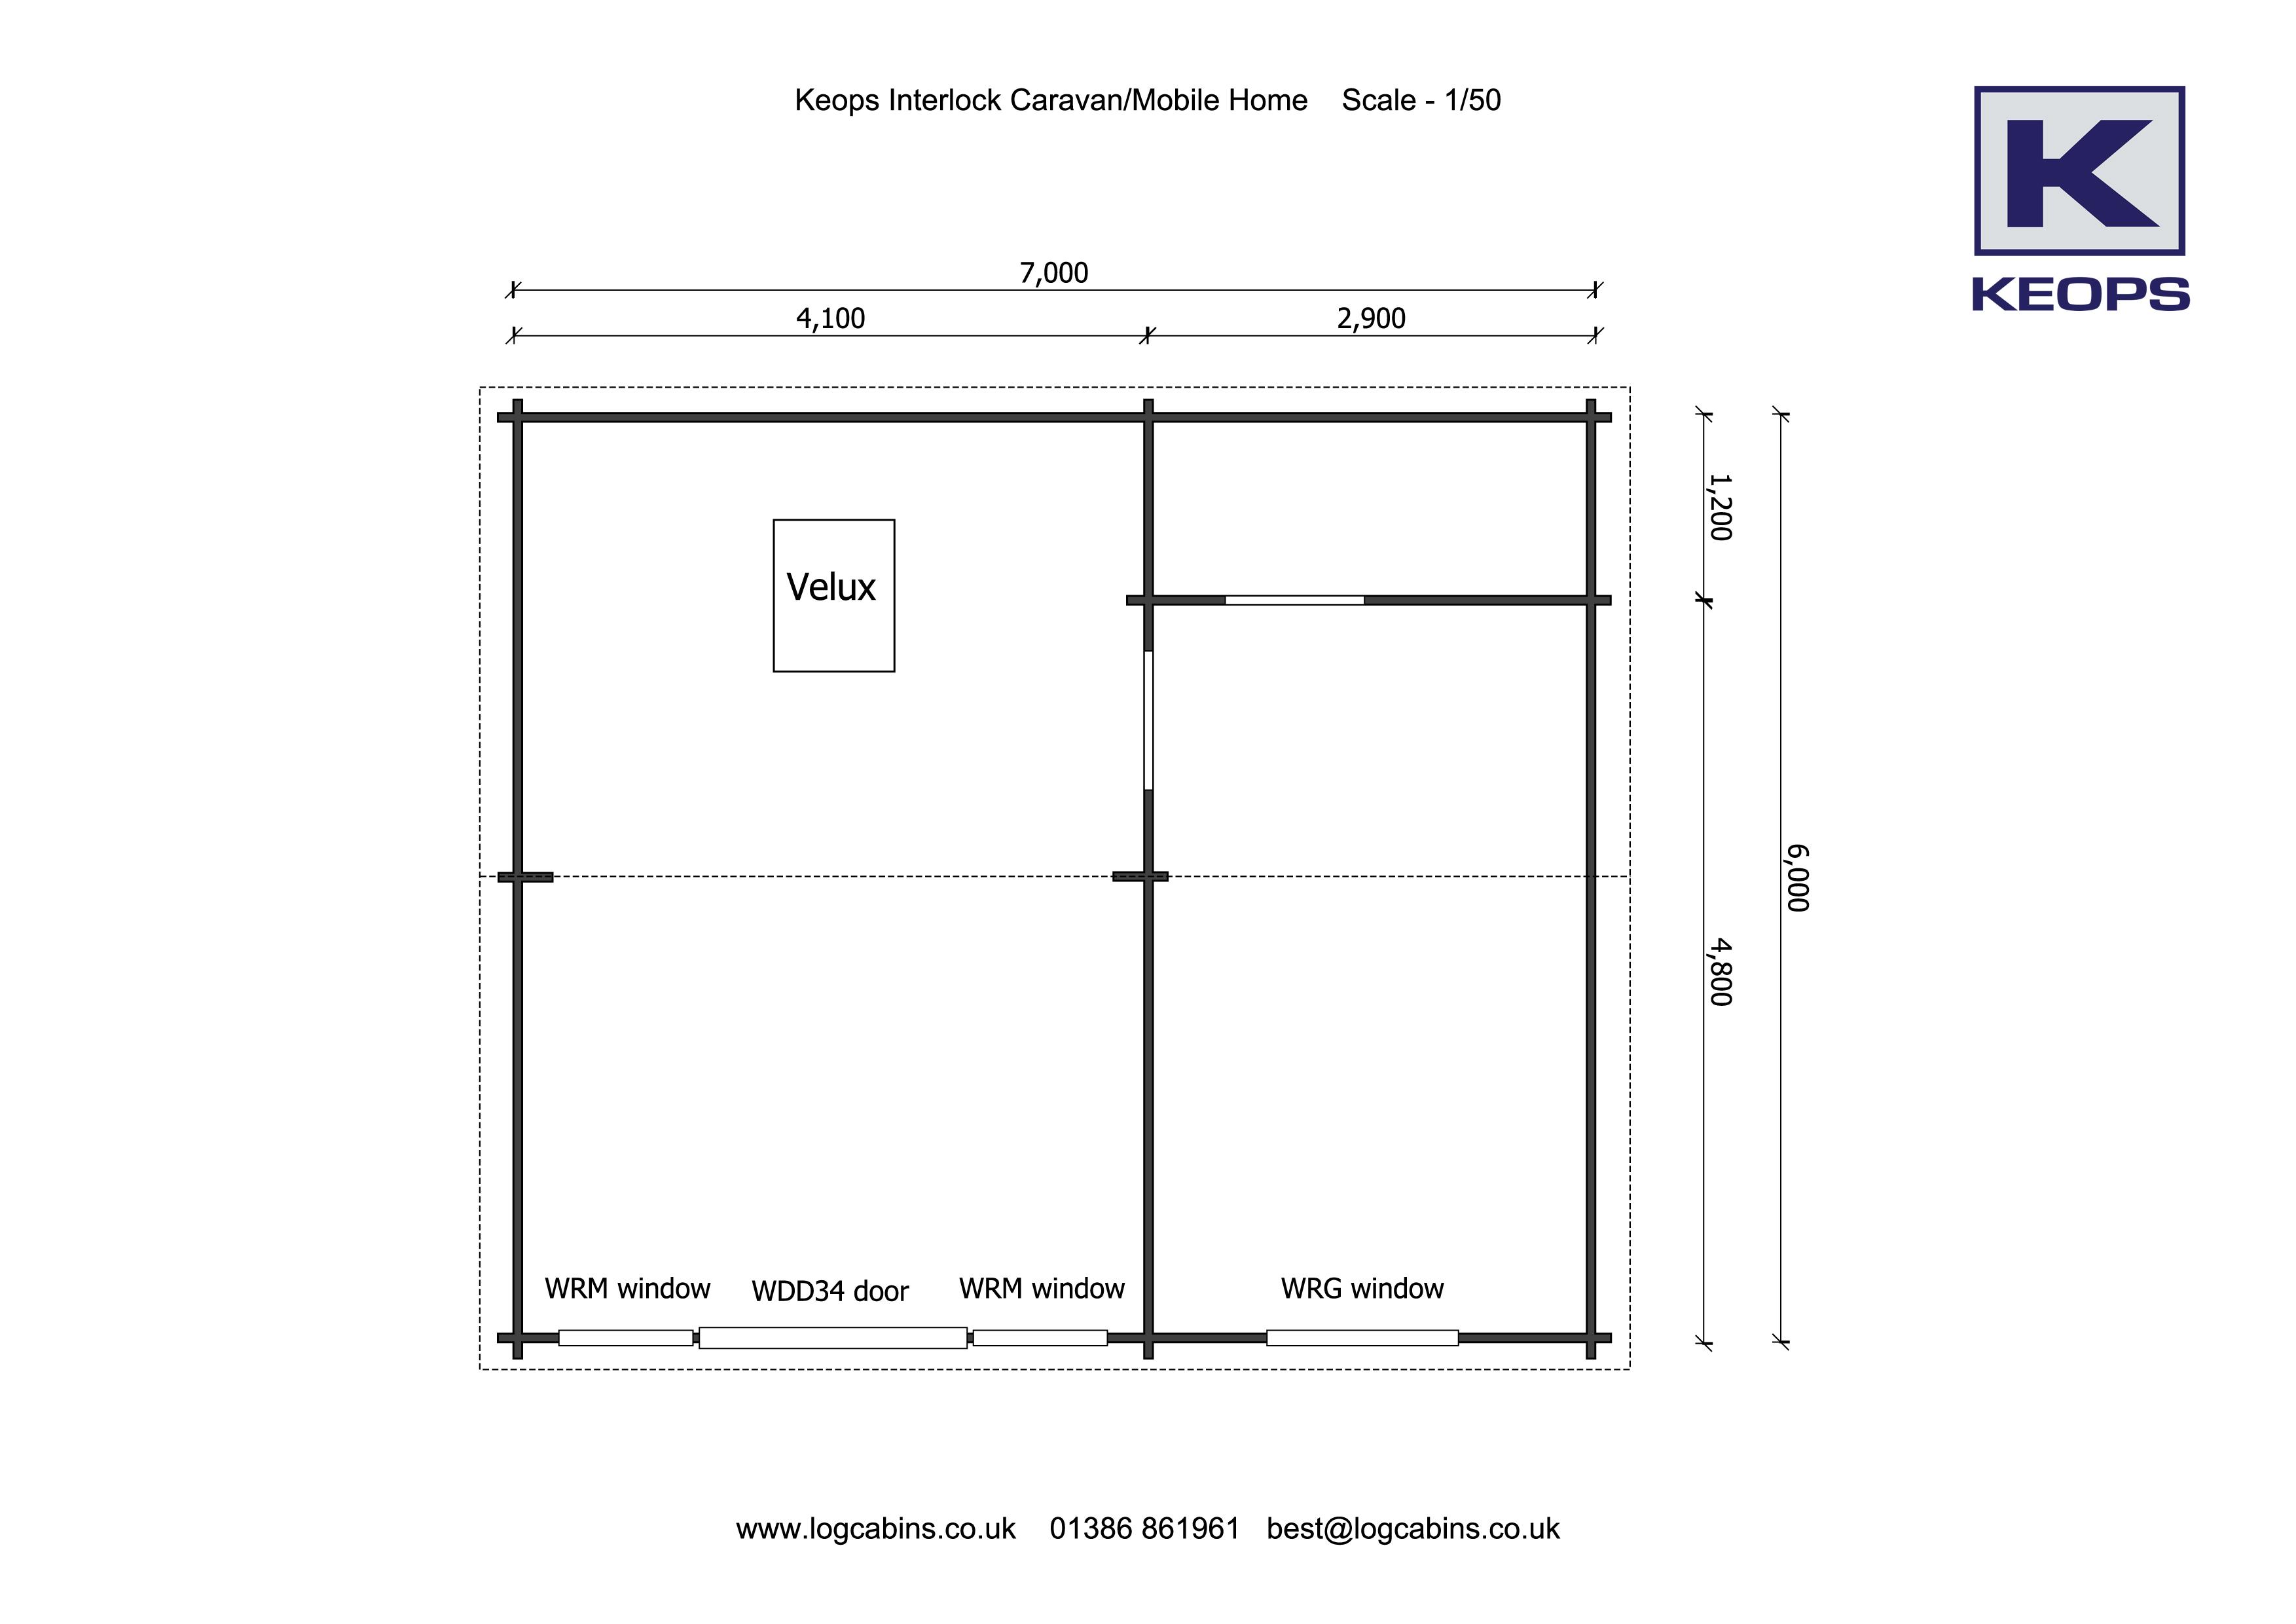 Keops caravan/mobile home 6m x 7m Floor plan